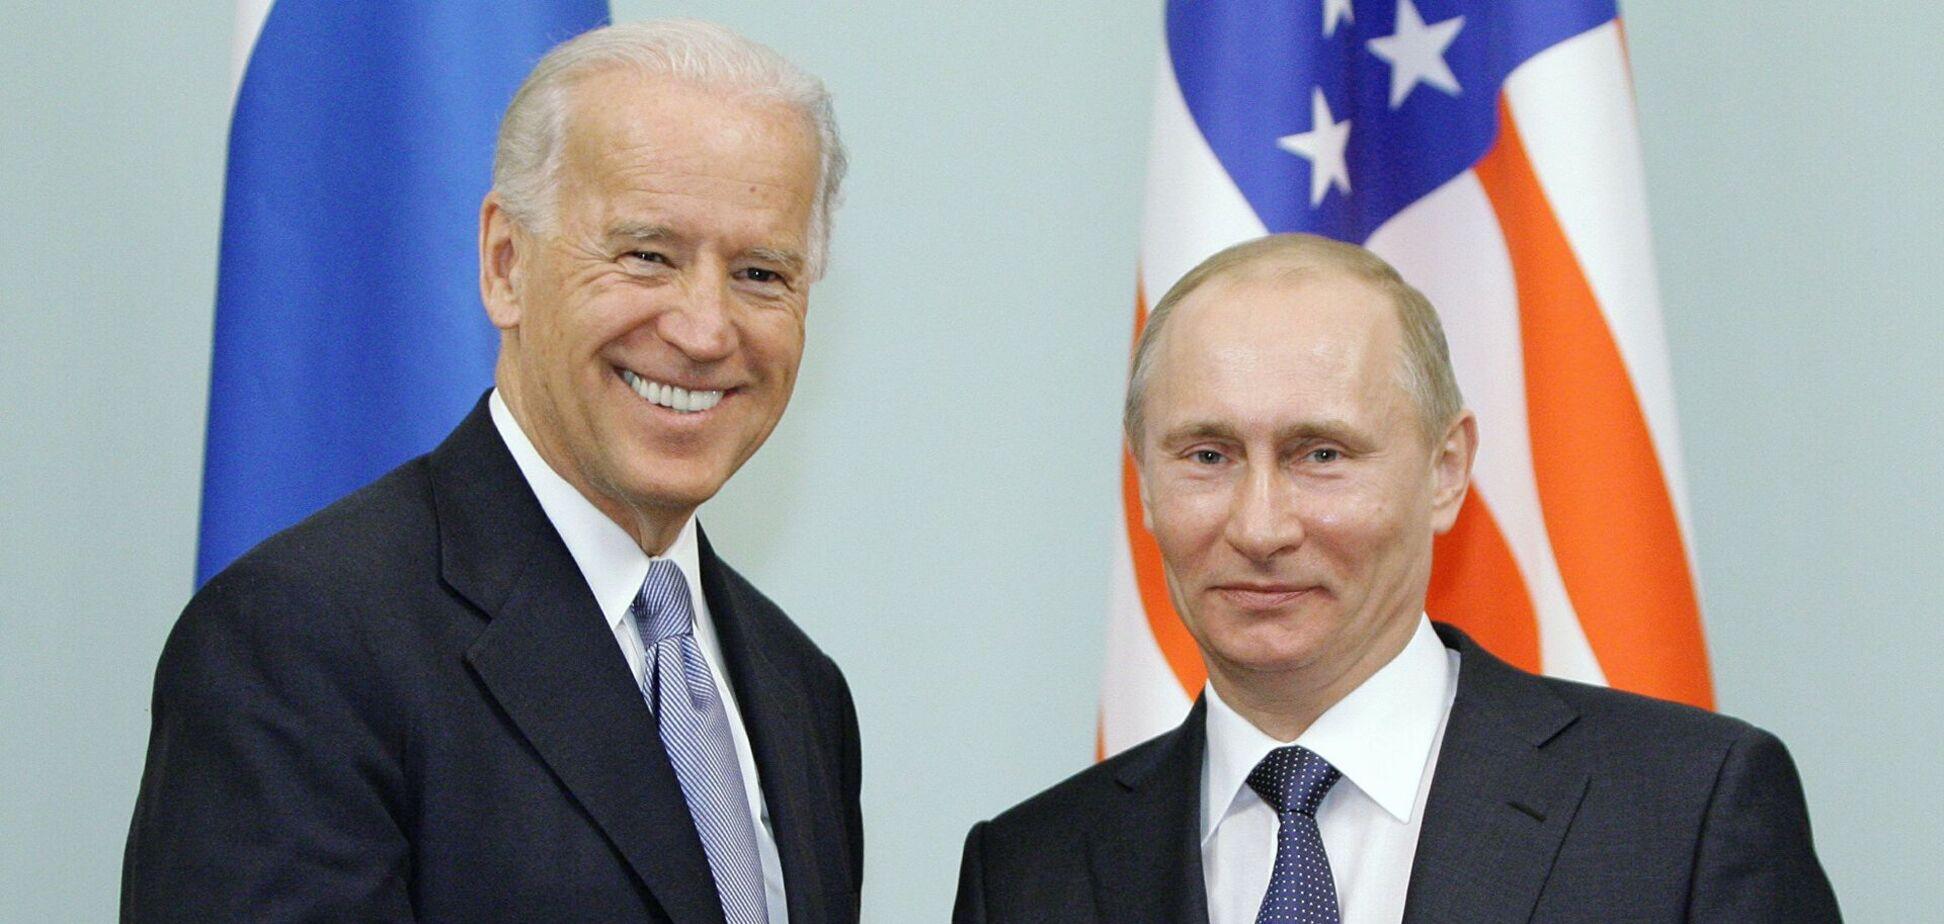 Серед місць для зустрічі Байдена й Путіна є навіть Азербайджан